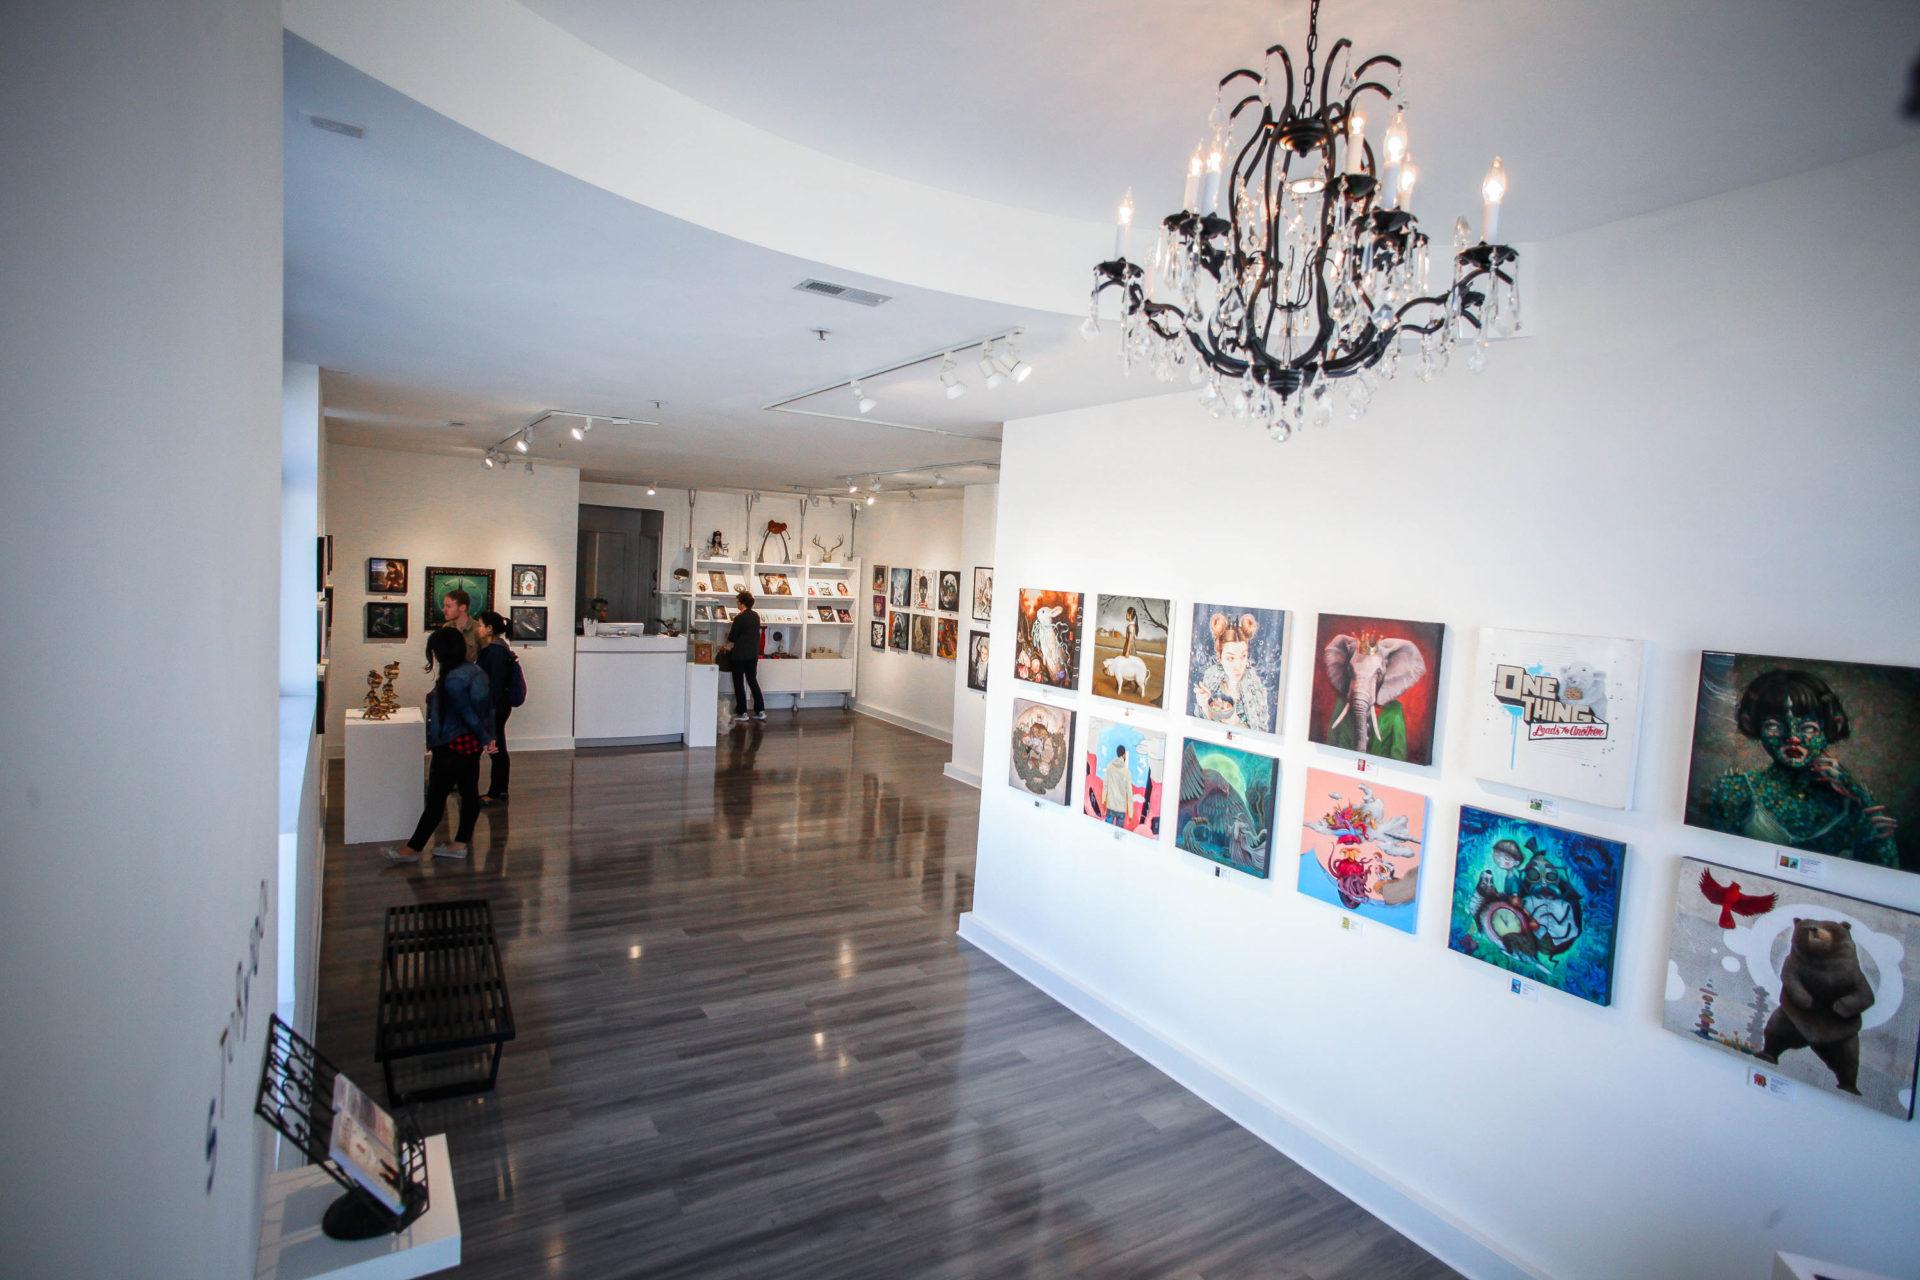 Modern Eden Gallery © 2015 Michael Cuffe Photography